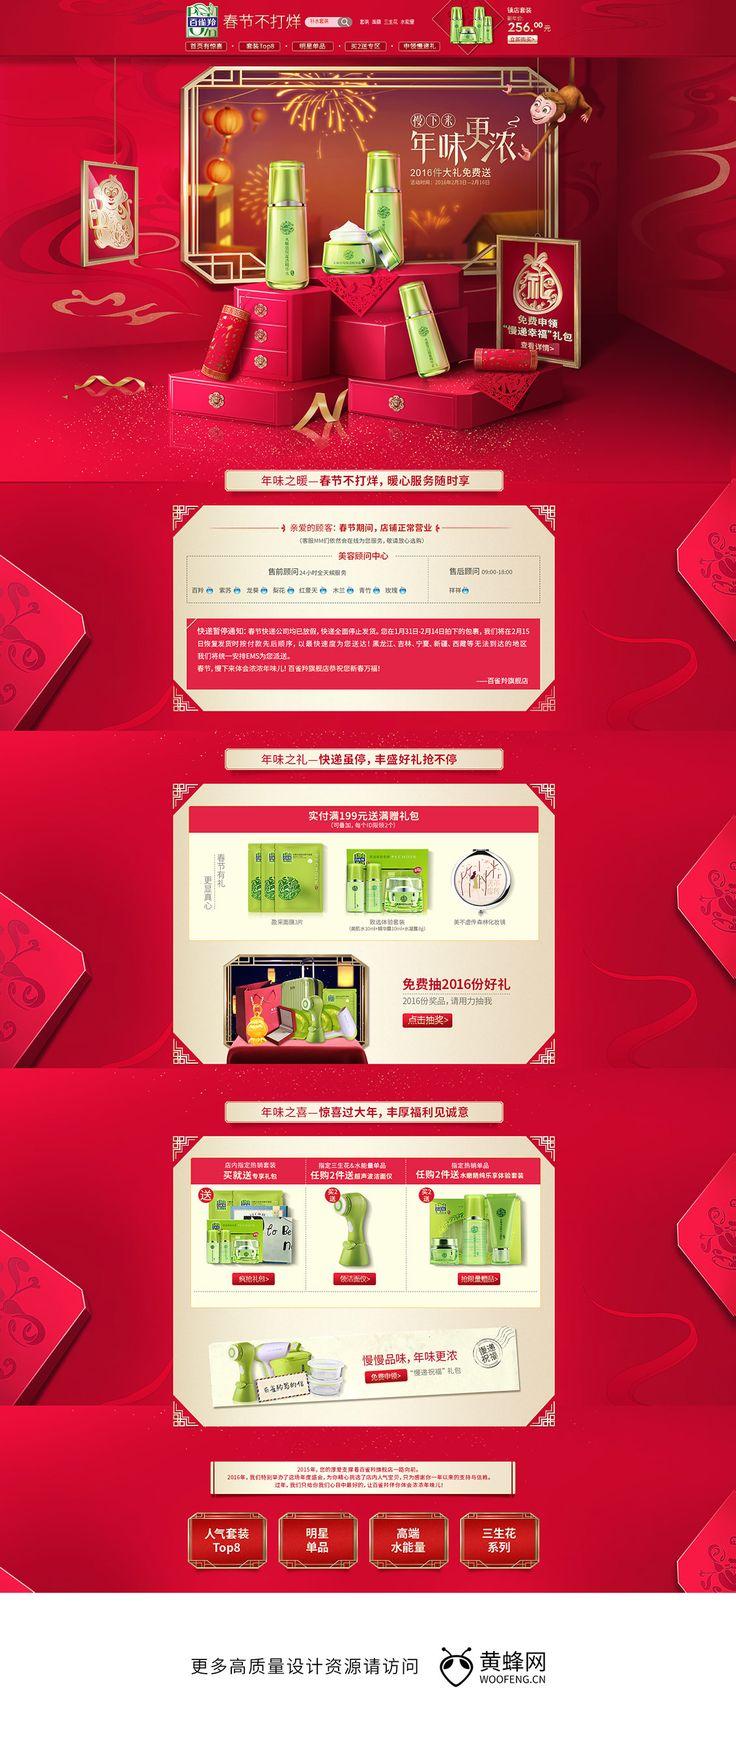 百雀羚化妆品新年春节红色喜庆天猫首页活动专题页面设计 来源自黄蜂网http://woofeng.cn/